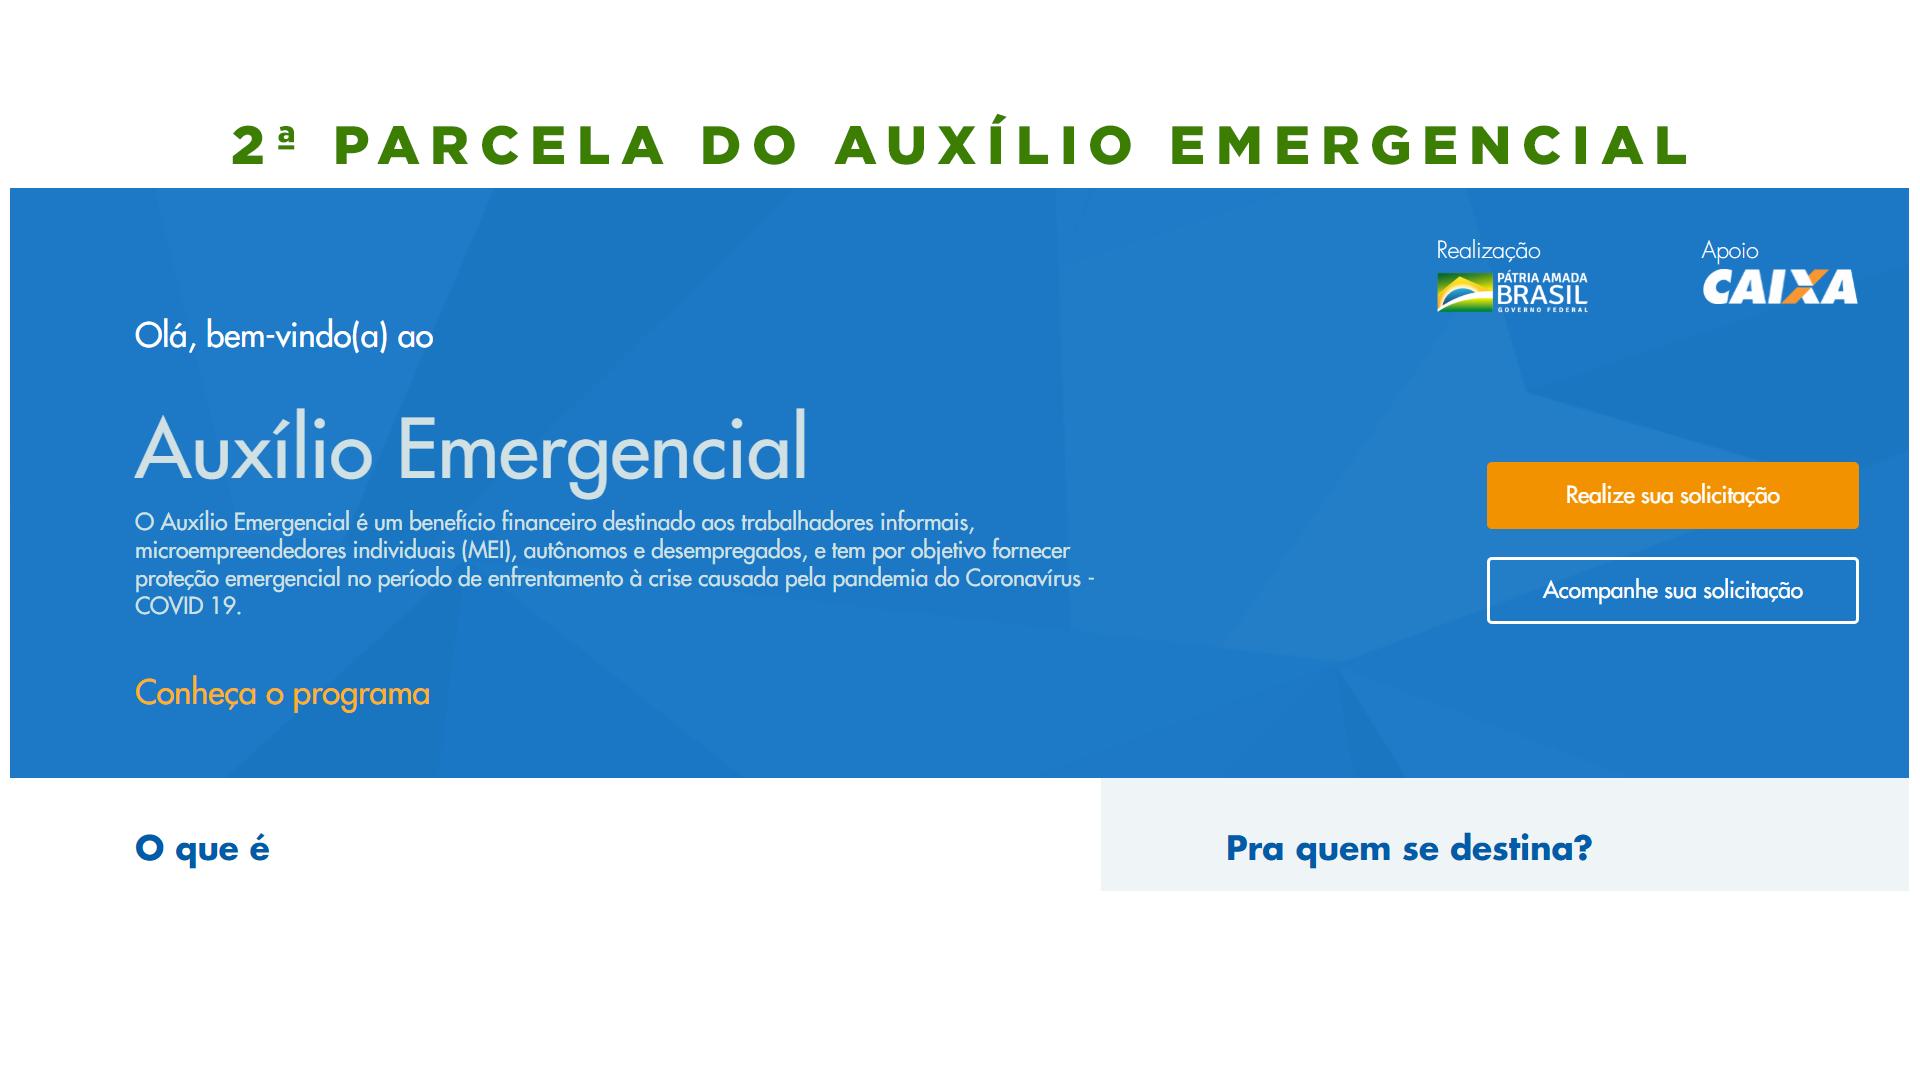 2 parcela auxilio emergencial